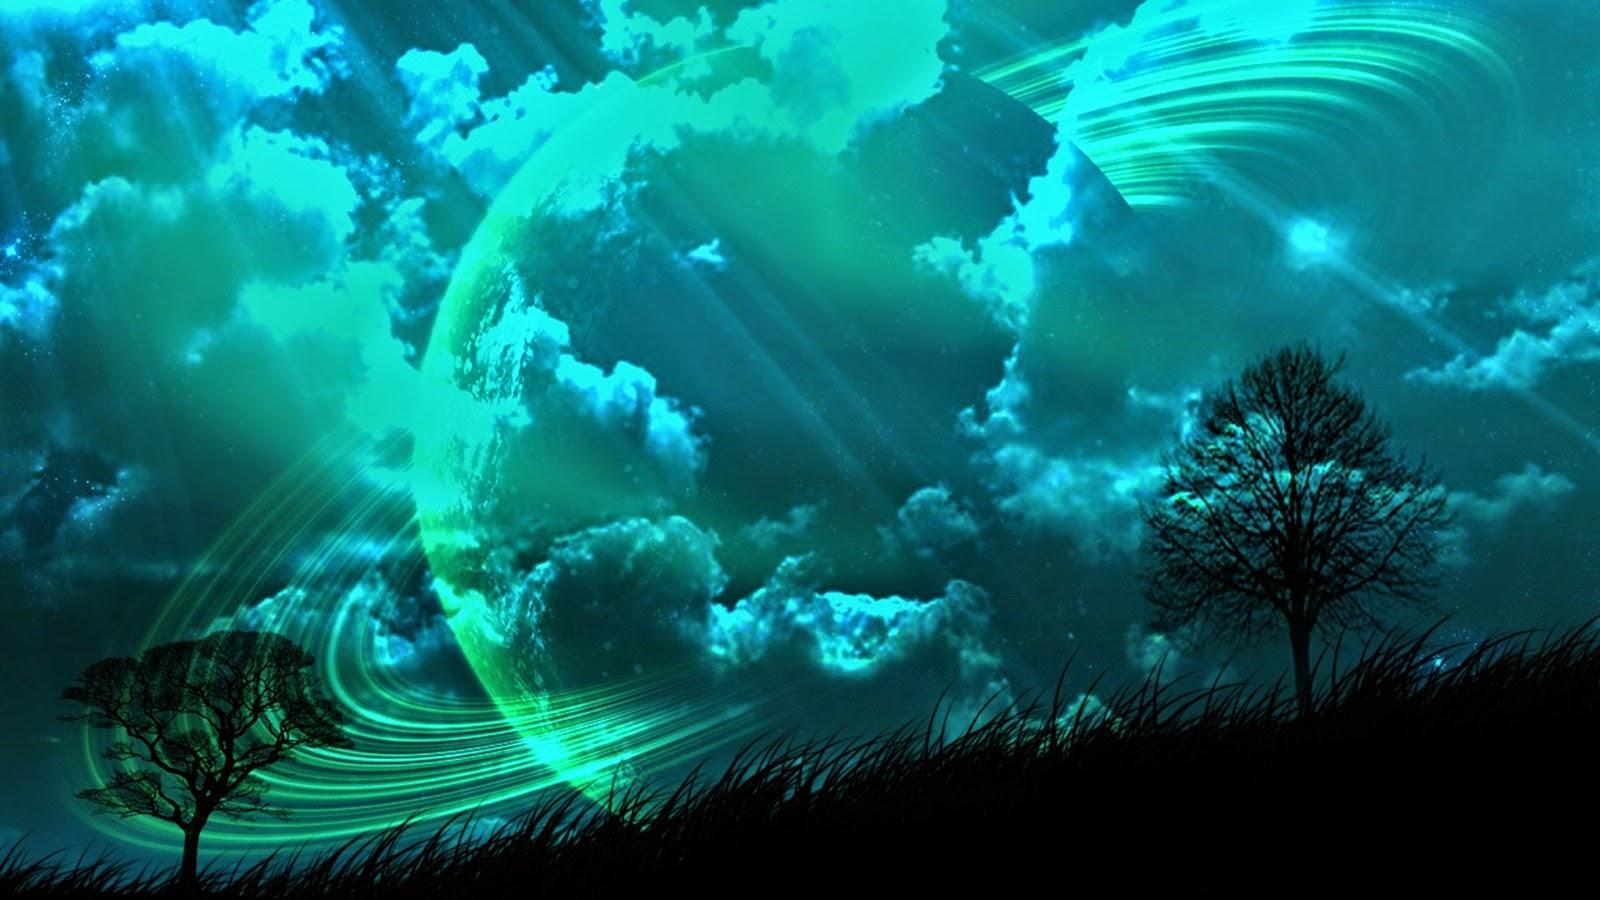 ảnh nền vũ trụ cực chất